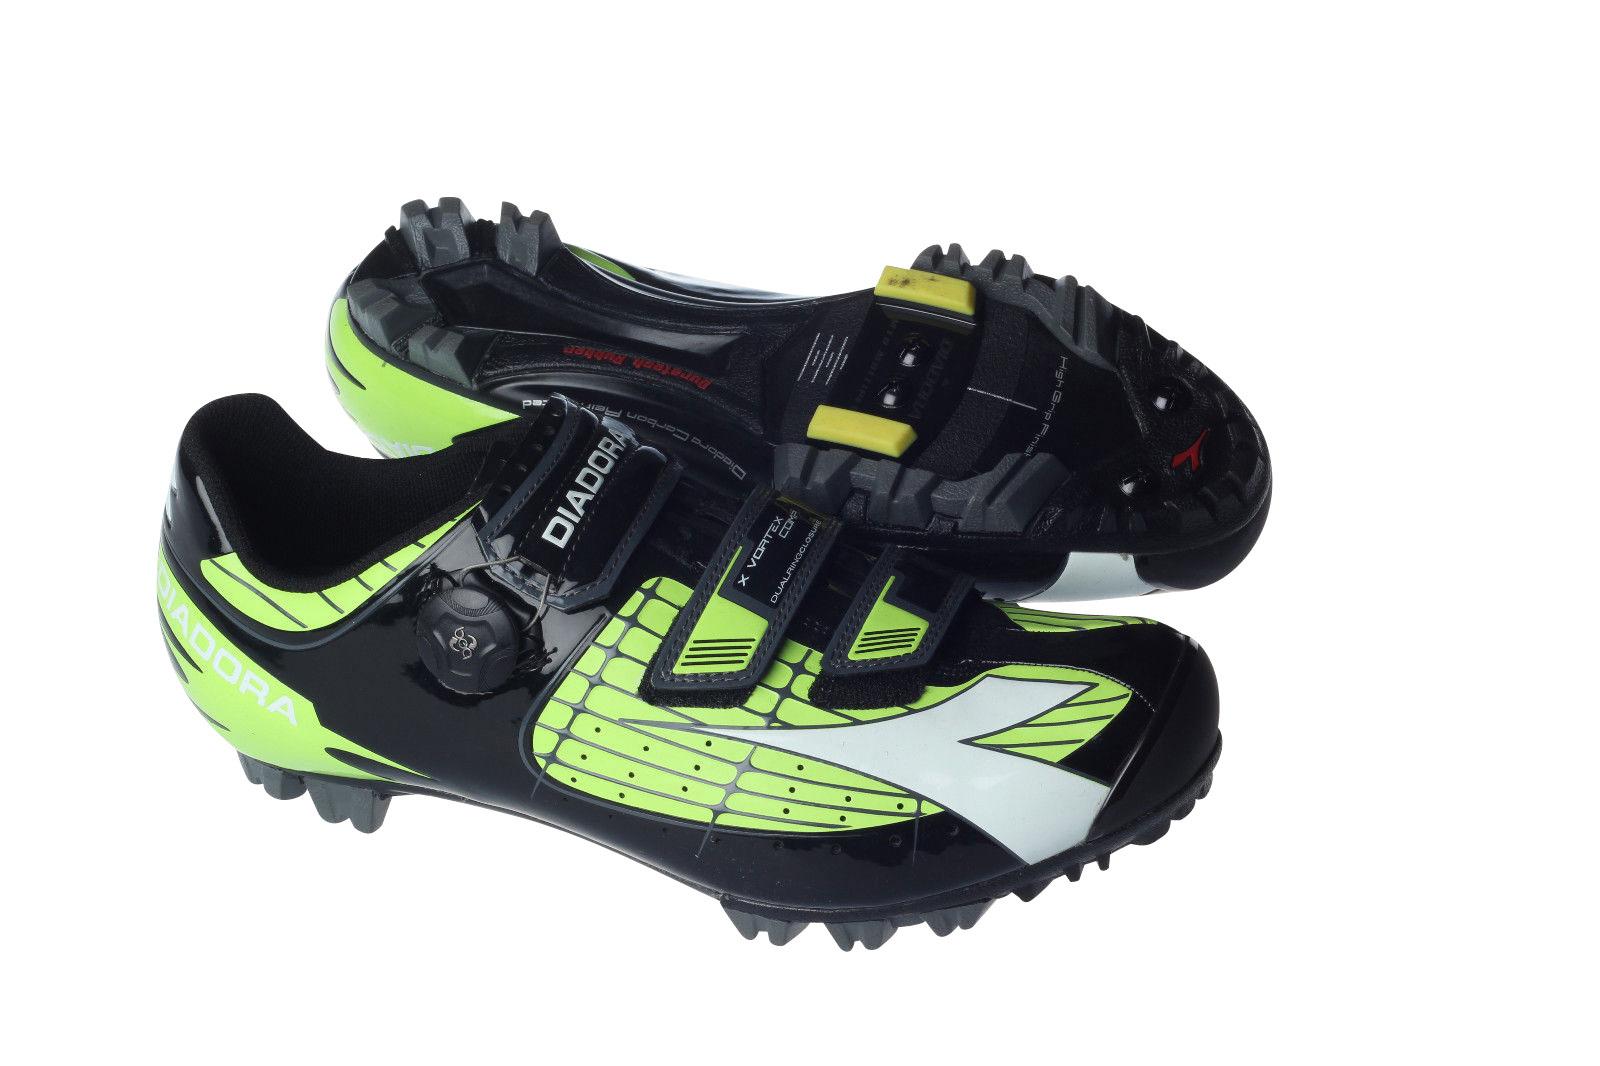 Diadora X Vortex Comp Green Black Shoes - Image 1 c461628e1a2